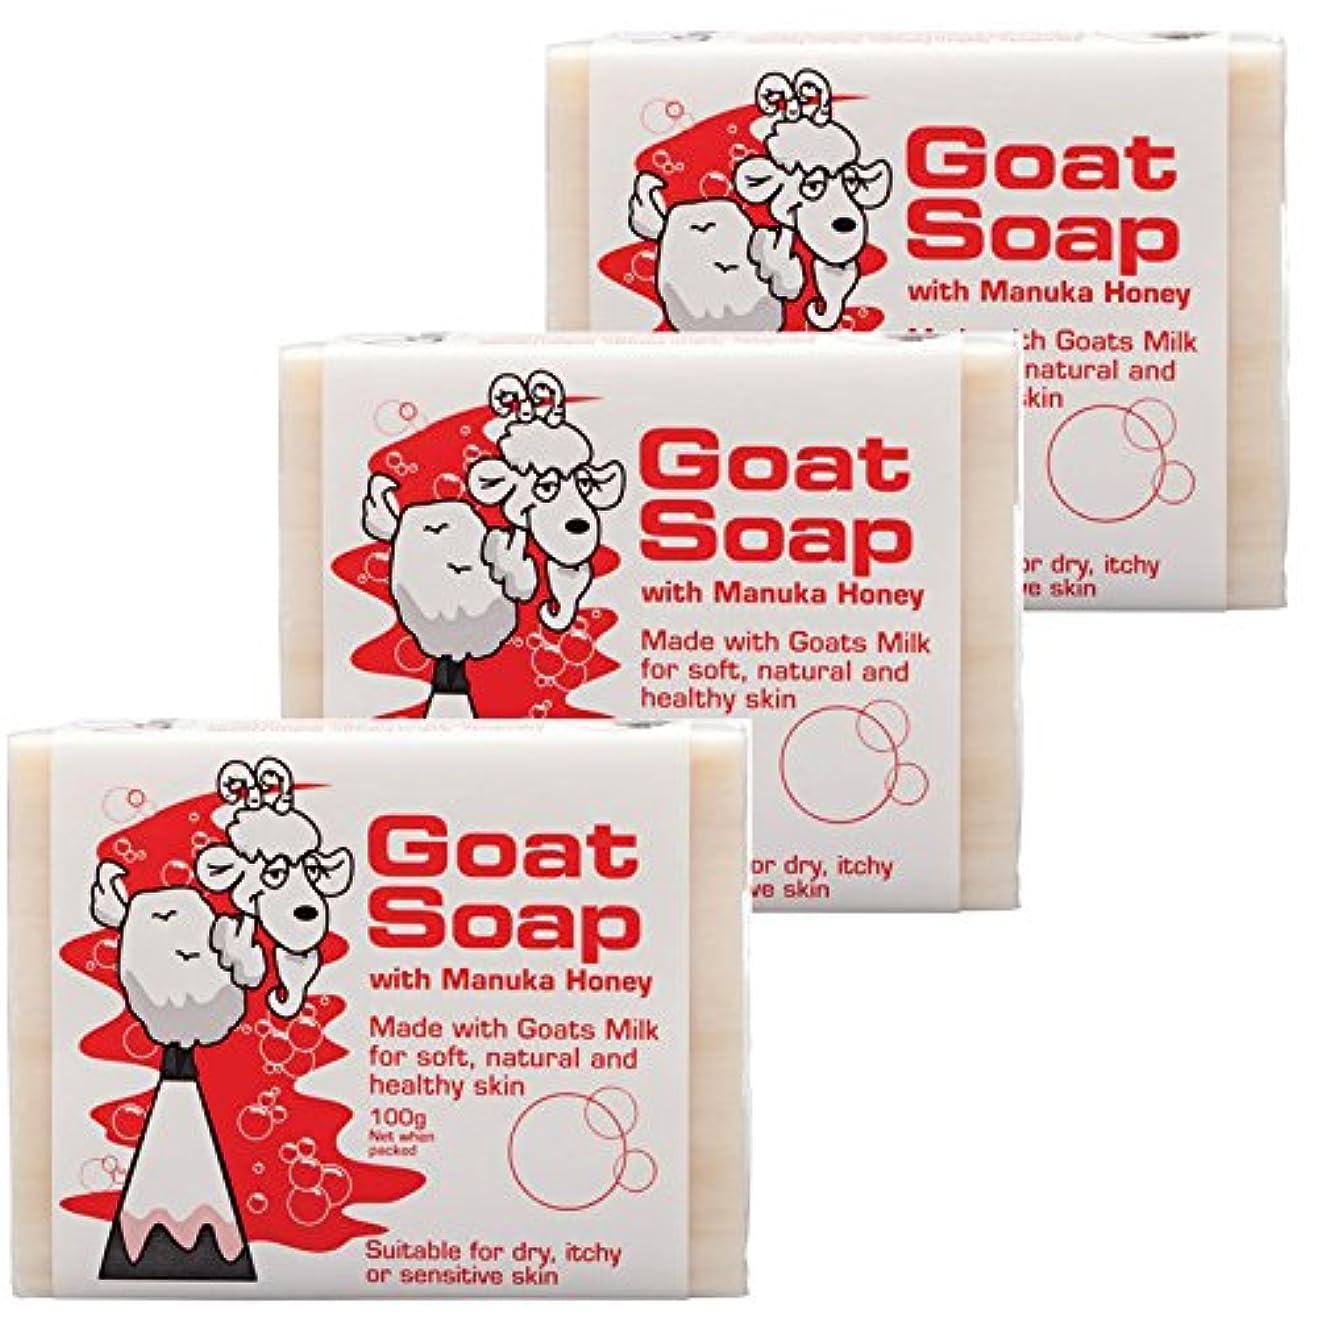 地平線イチゴ振るうThe Goat Skin Care(ゴートスキンケア) ゴートソープ 100g 3個セット 【並行輸入品】【海外直送品】 (マヌカハニー 3個セット)